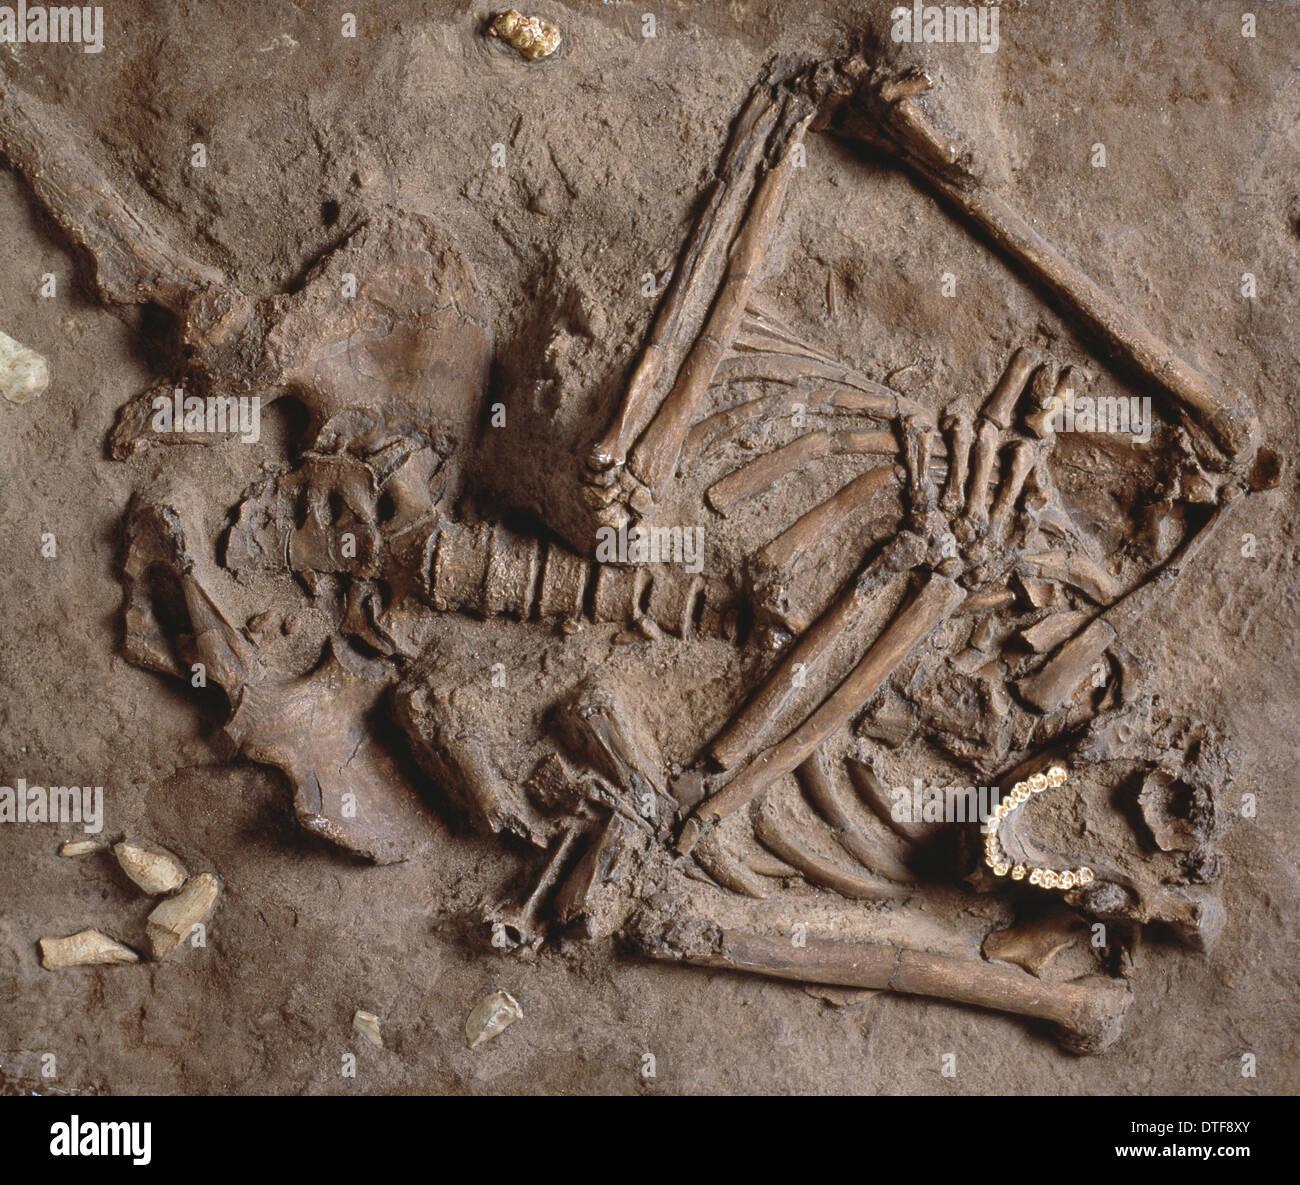 Homo neanderthalensis (Kebarah) burial site - Stock Image